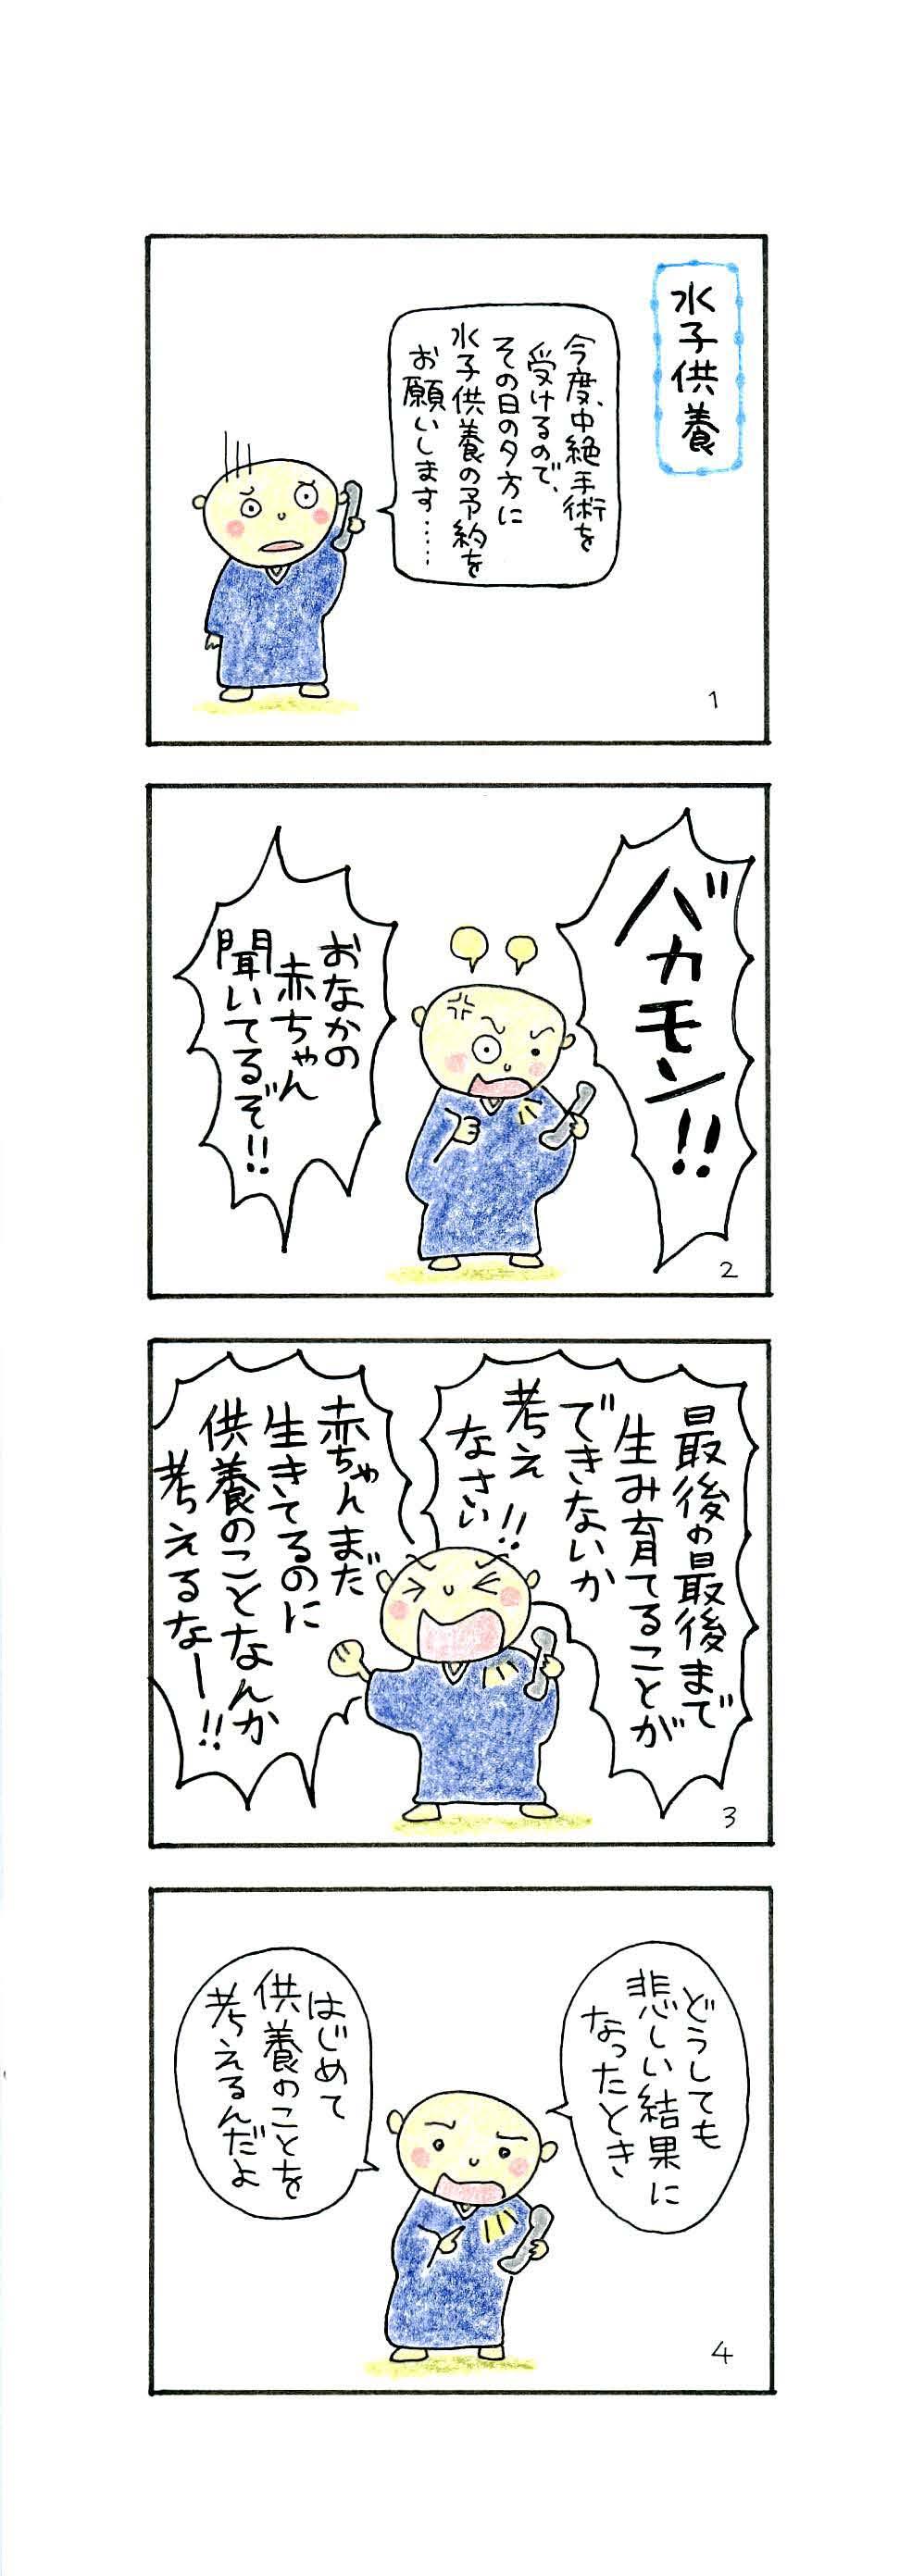 水子供養漫画薫明_ページ_1